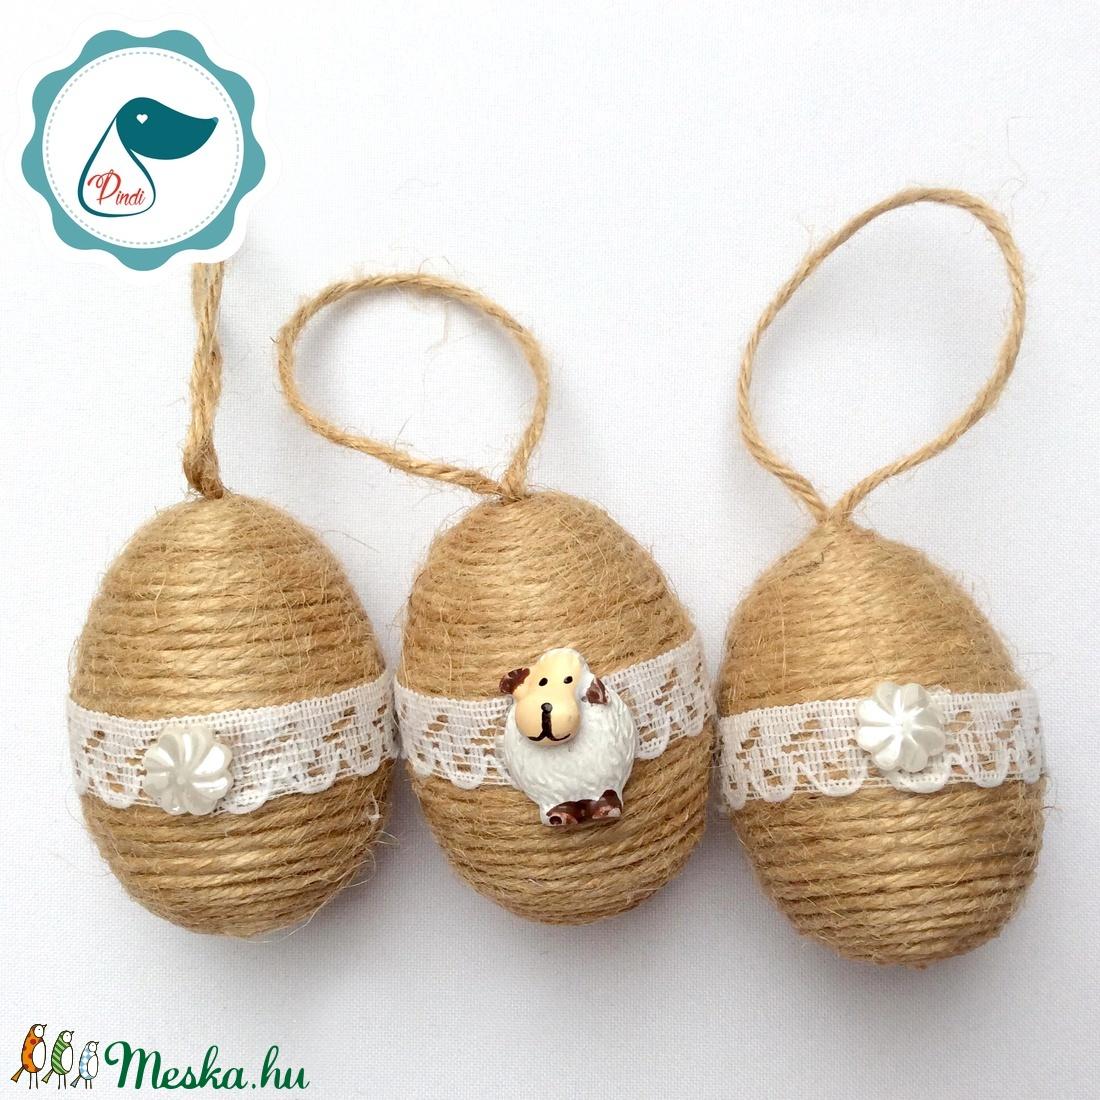 3db Vintage húsvéti tojás - húsvéti tojás dekorácíó  - Meska.hu